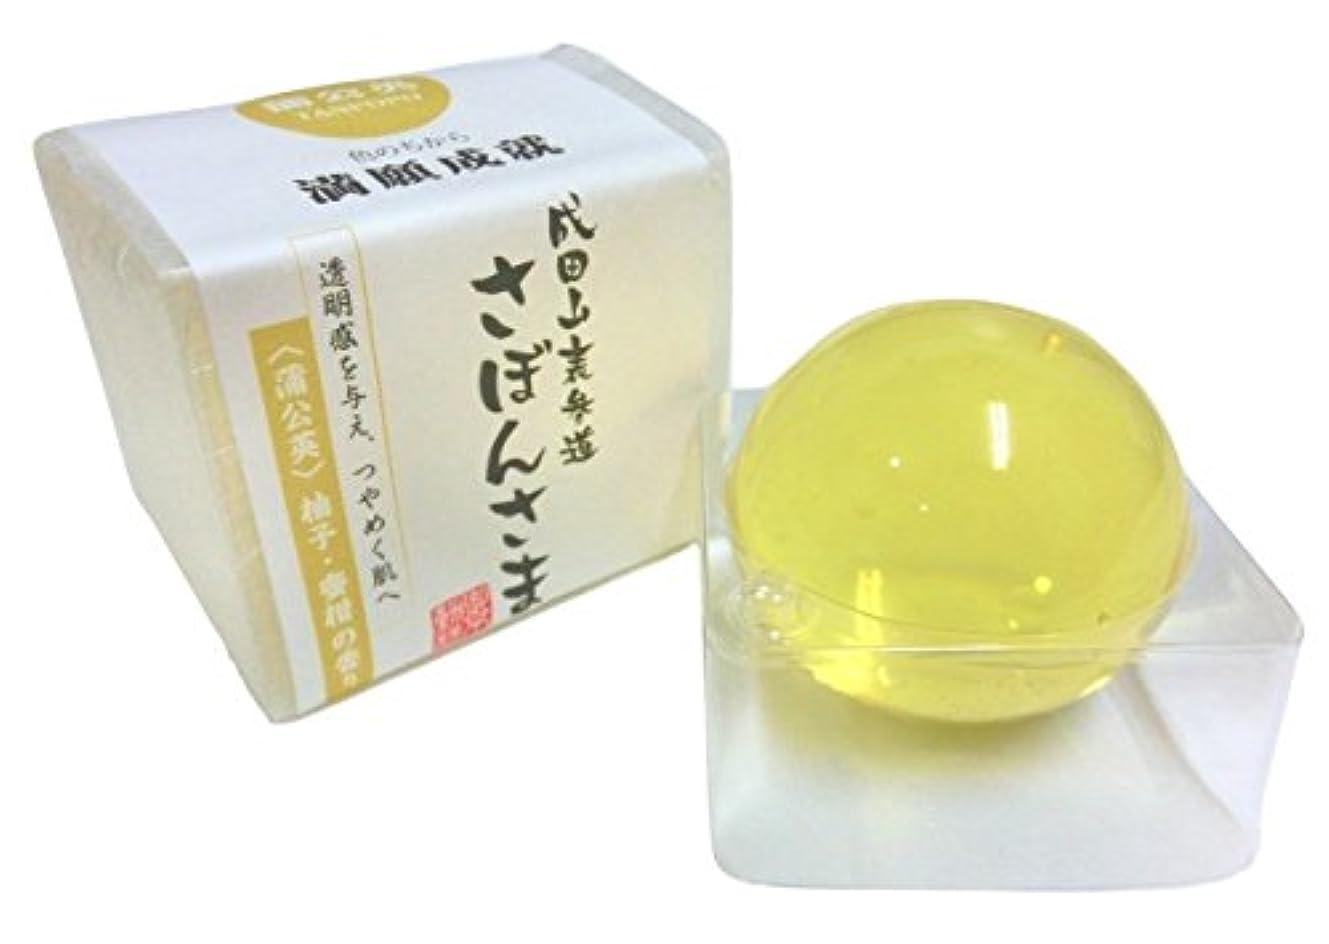 薬用序文常に成田山表参道 さぼんさま〈蒲公英〉柚子?密柑の香り 100g